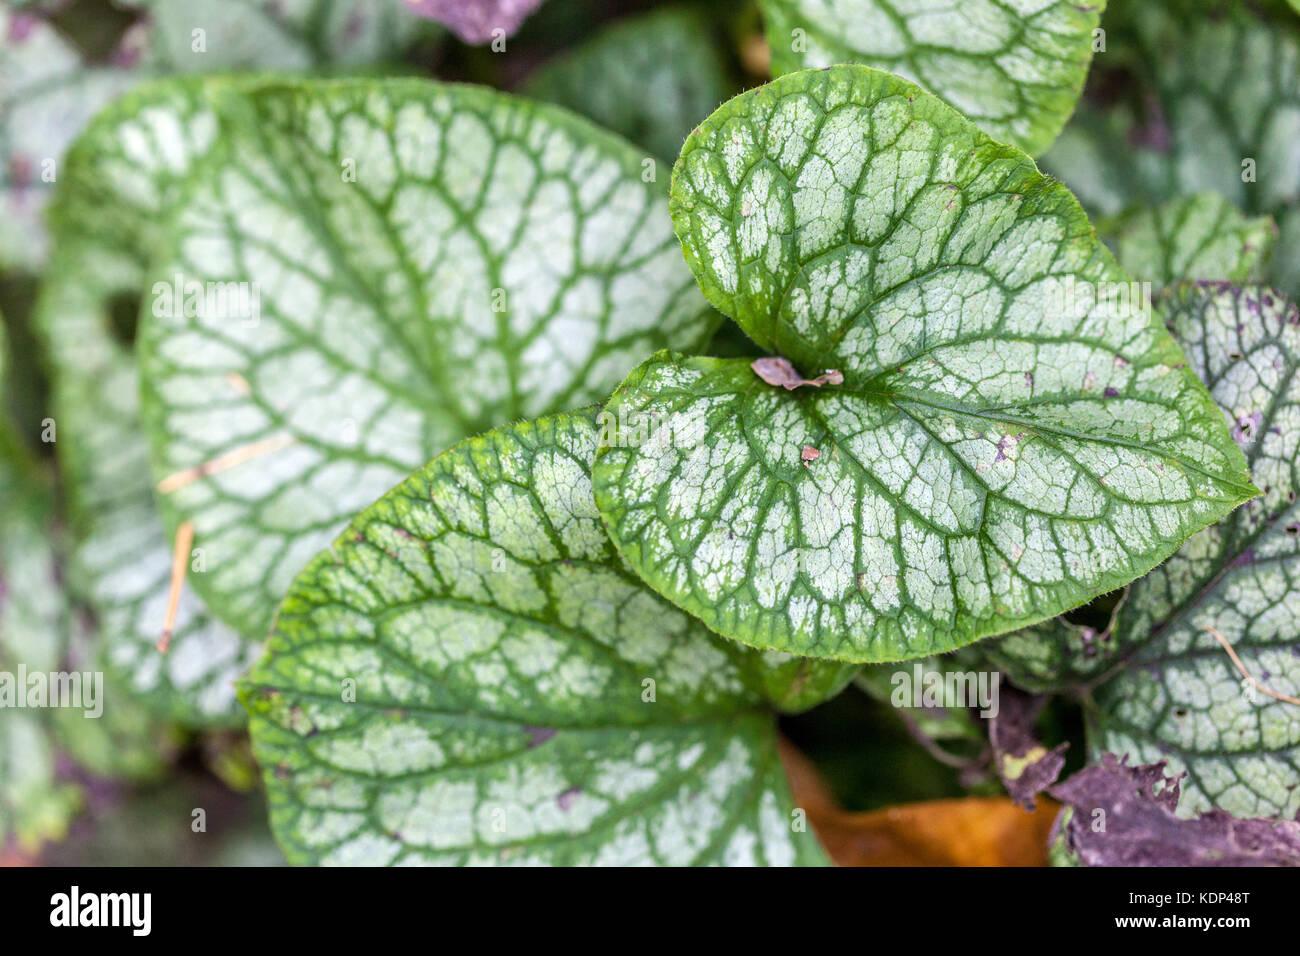 Brunnera macrophylla ' Mr Morse ', leaves - Stock Image